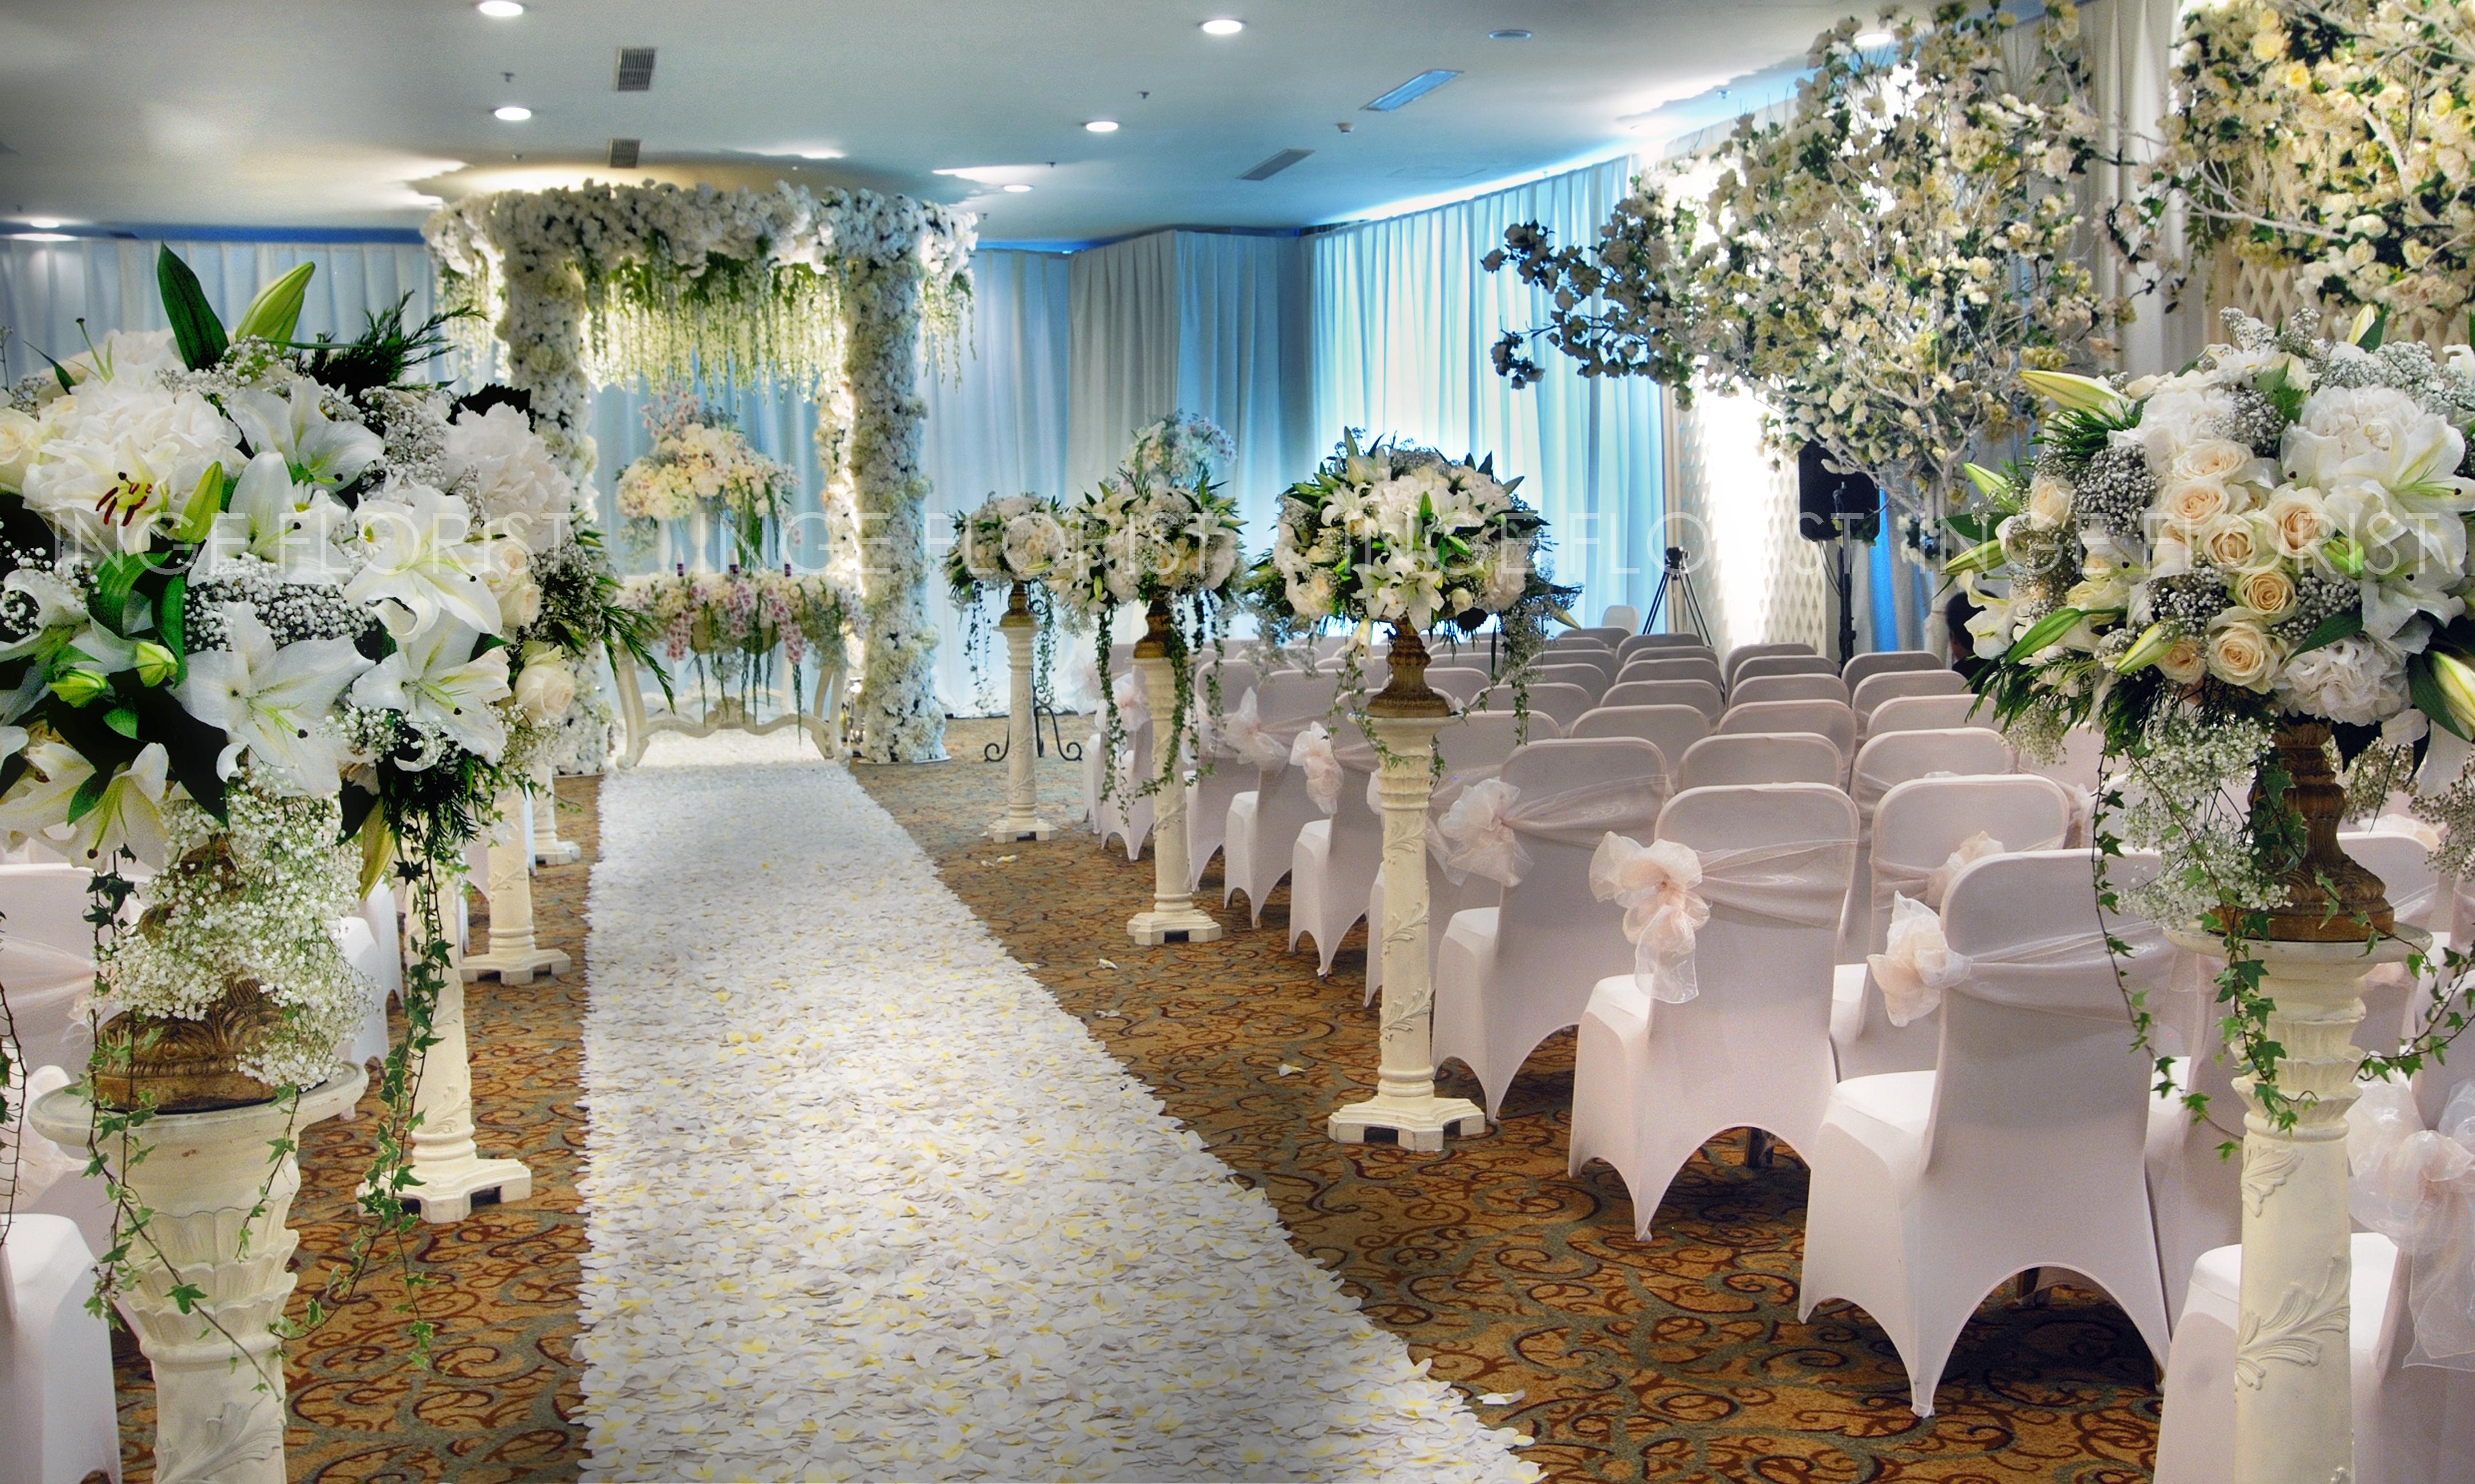 Decoration photo inge florist wedding decoration dekorasi decoration aisle wedding decoration junglespirit Images